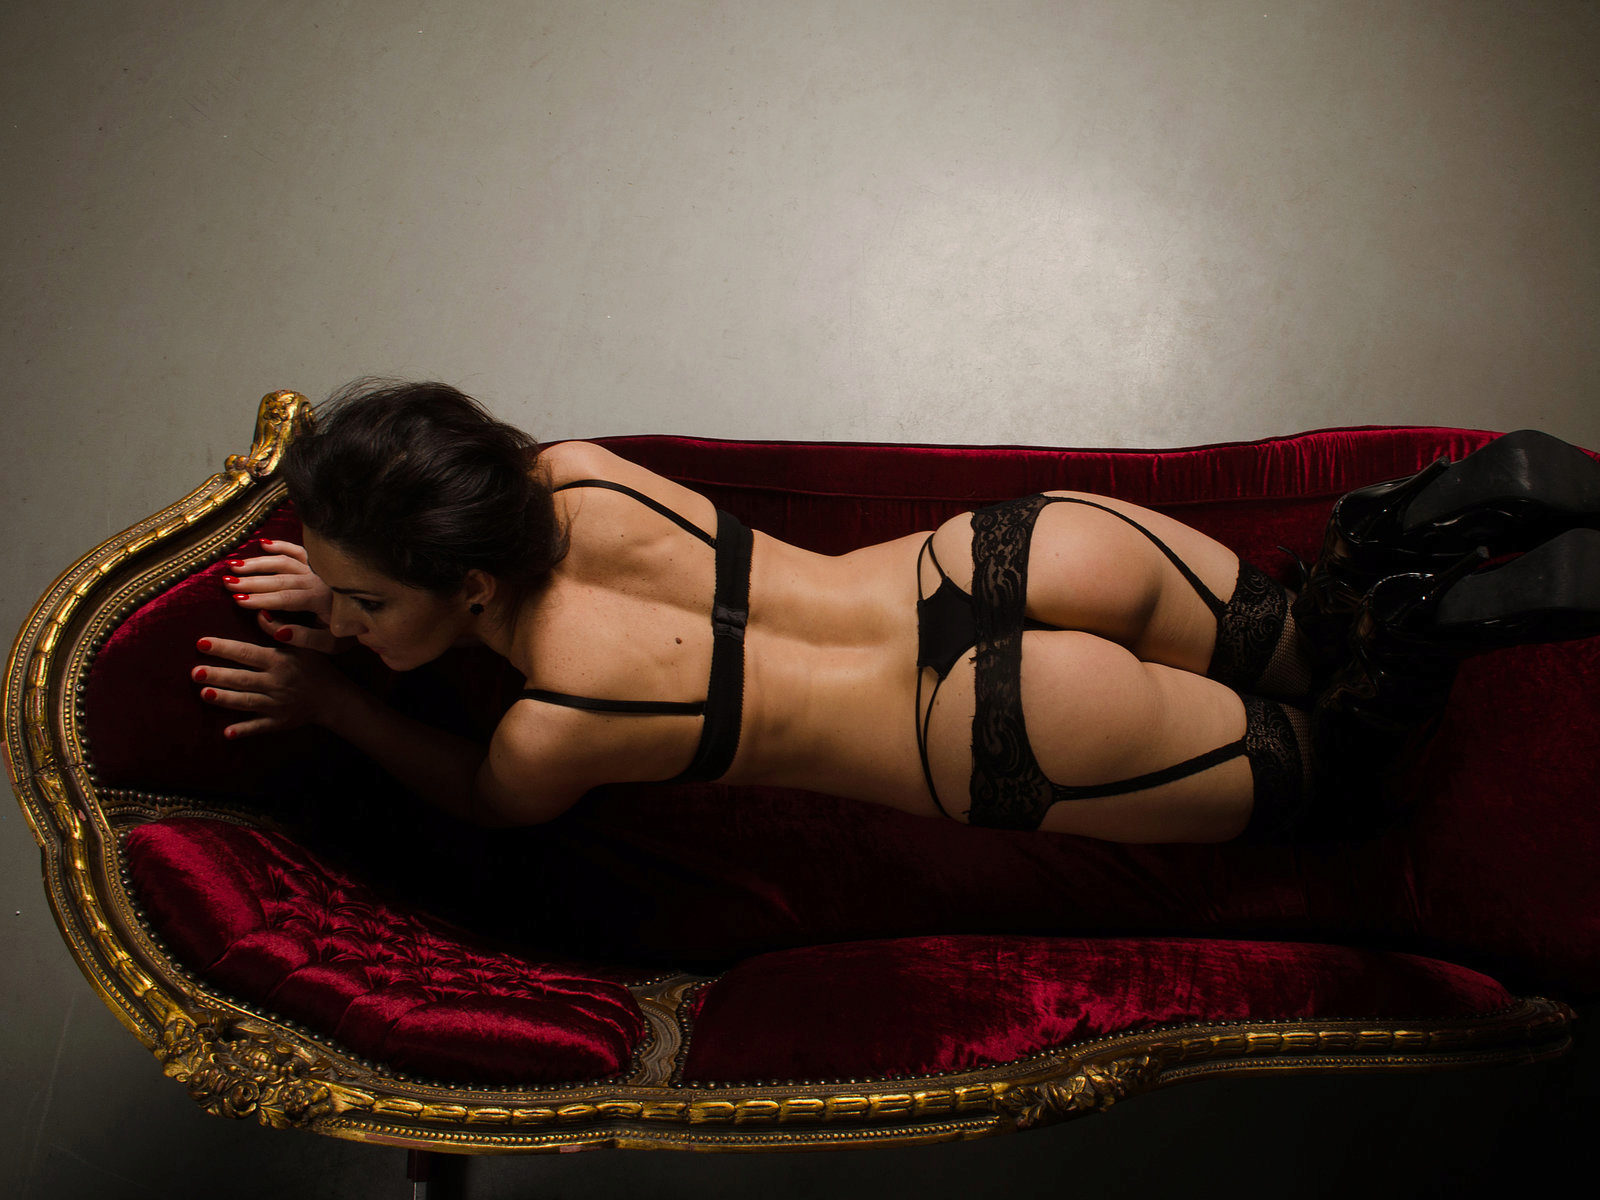 Секс чат без регистрации и бесплатно, Вибра-секс чат бесплатный чат с бесплатной 5 фотография